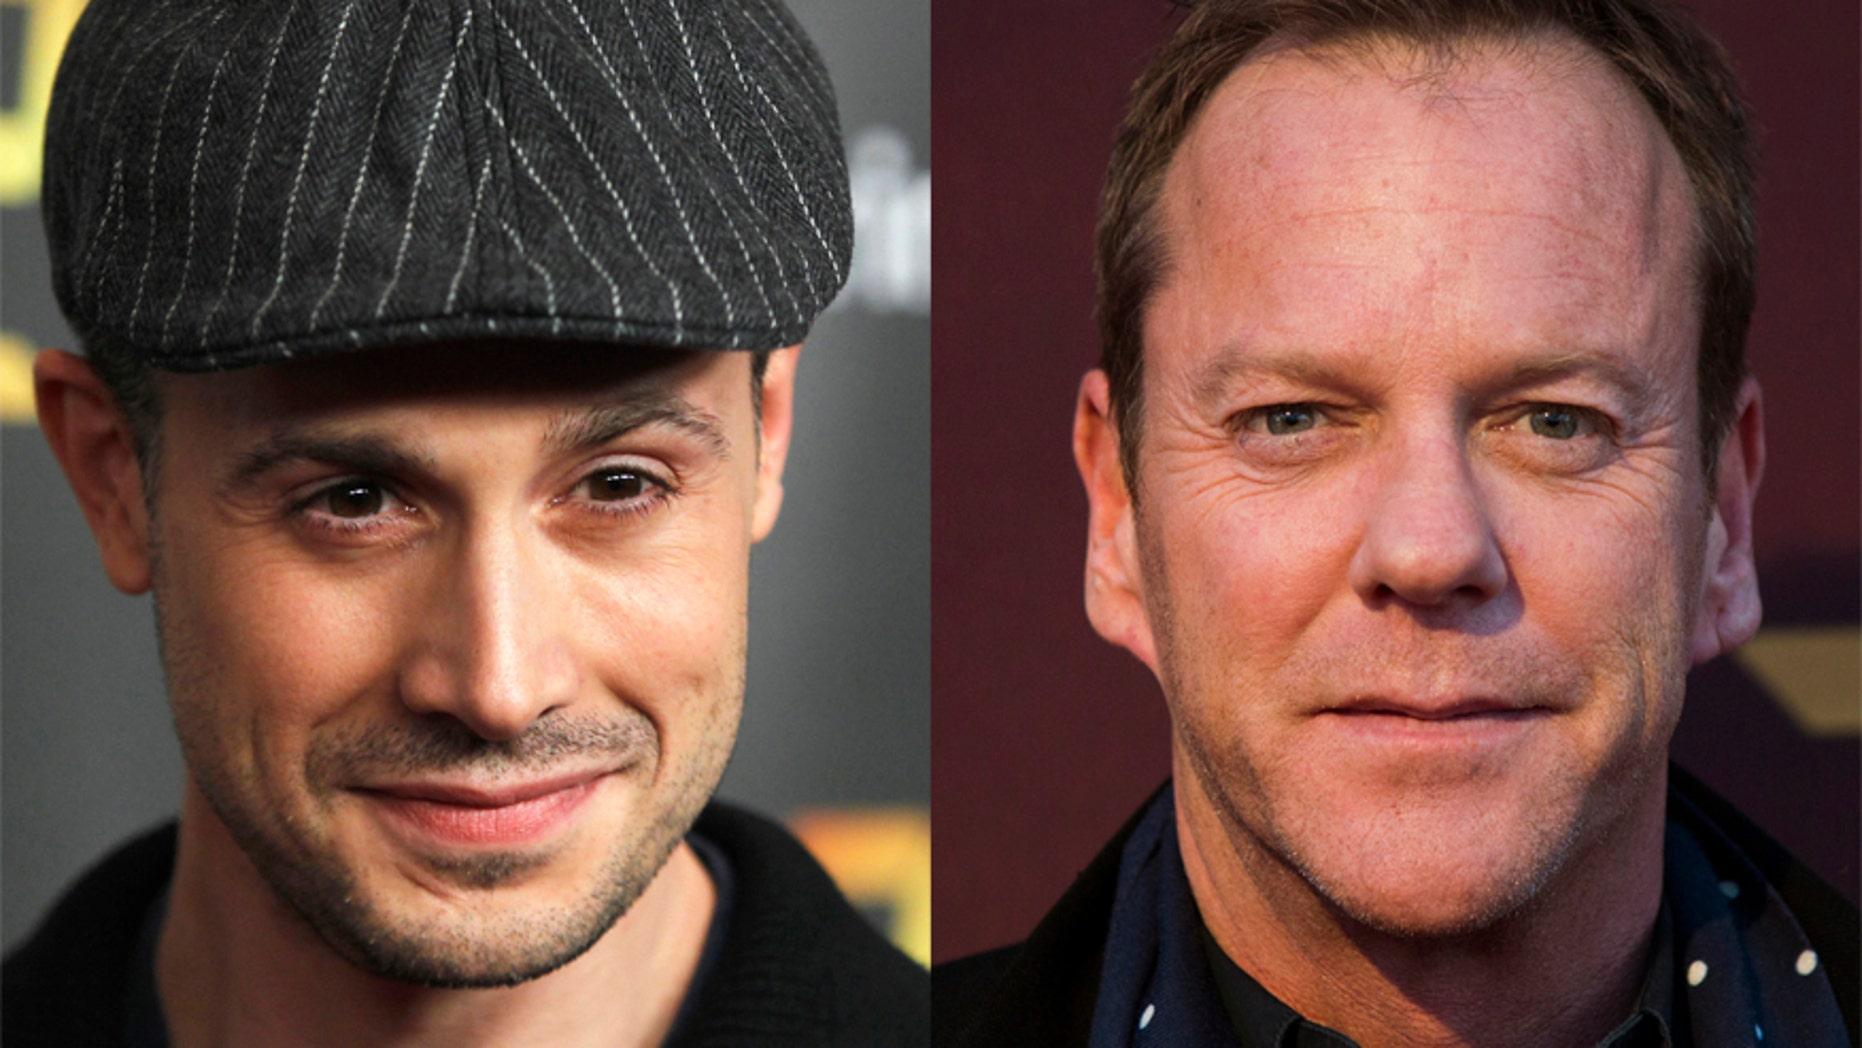 Actors Freddie Prinze Jr. (L) and Kiefer Sutherland (R).